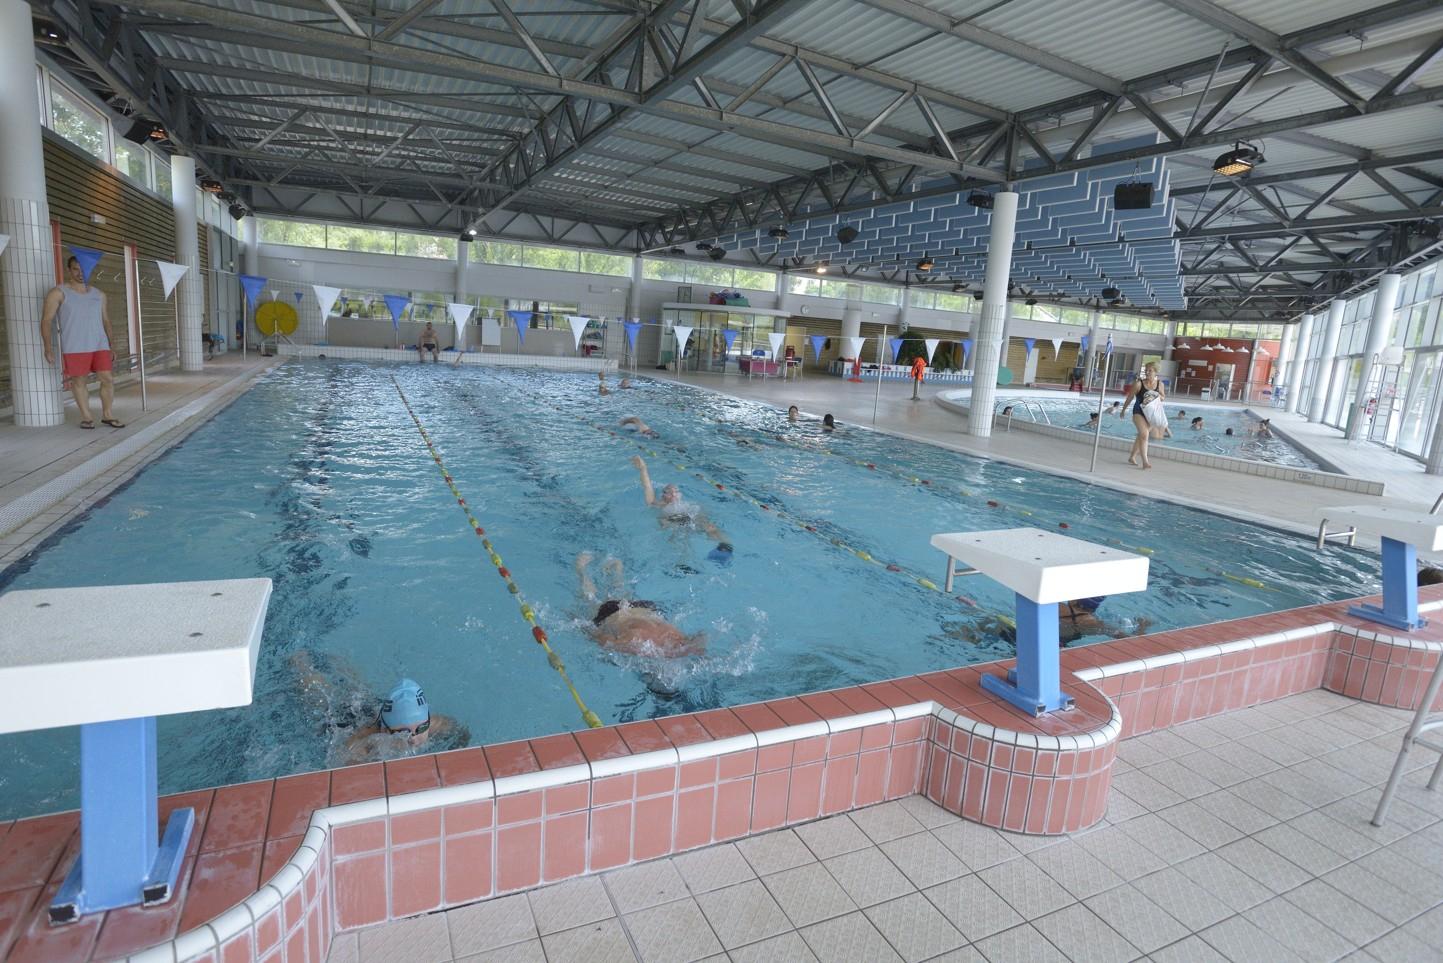 Centre Aquatique Bleu Rive intérieur Piscine Vallier